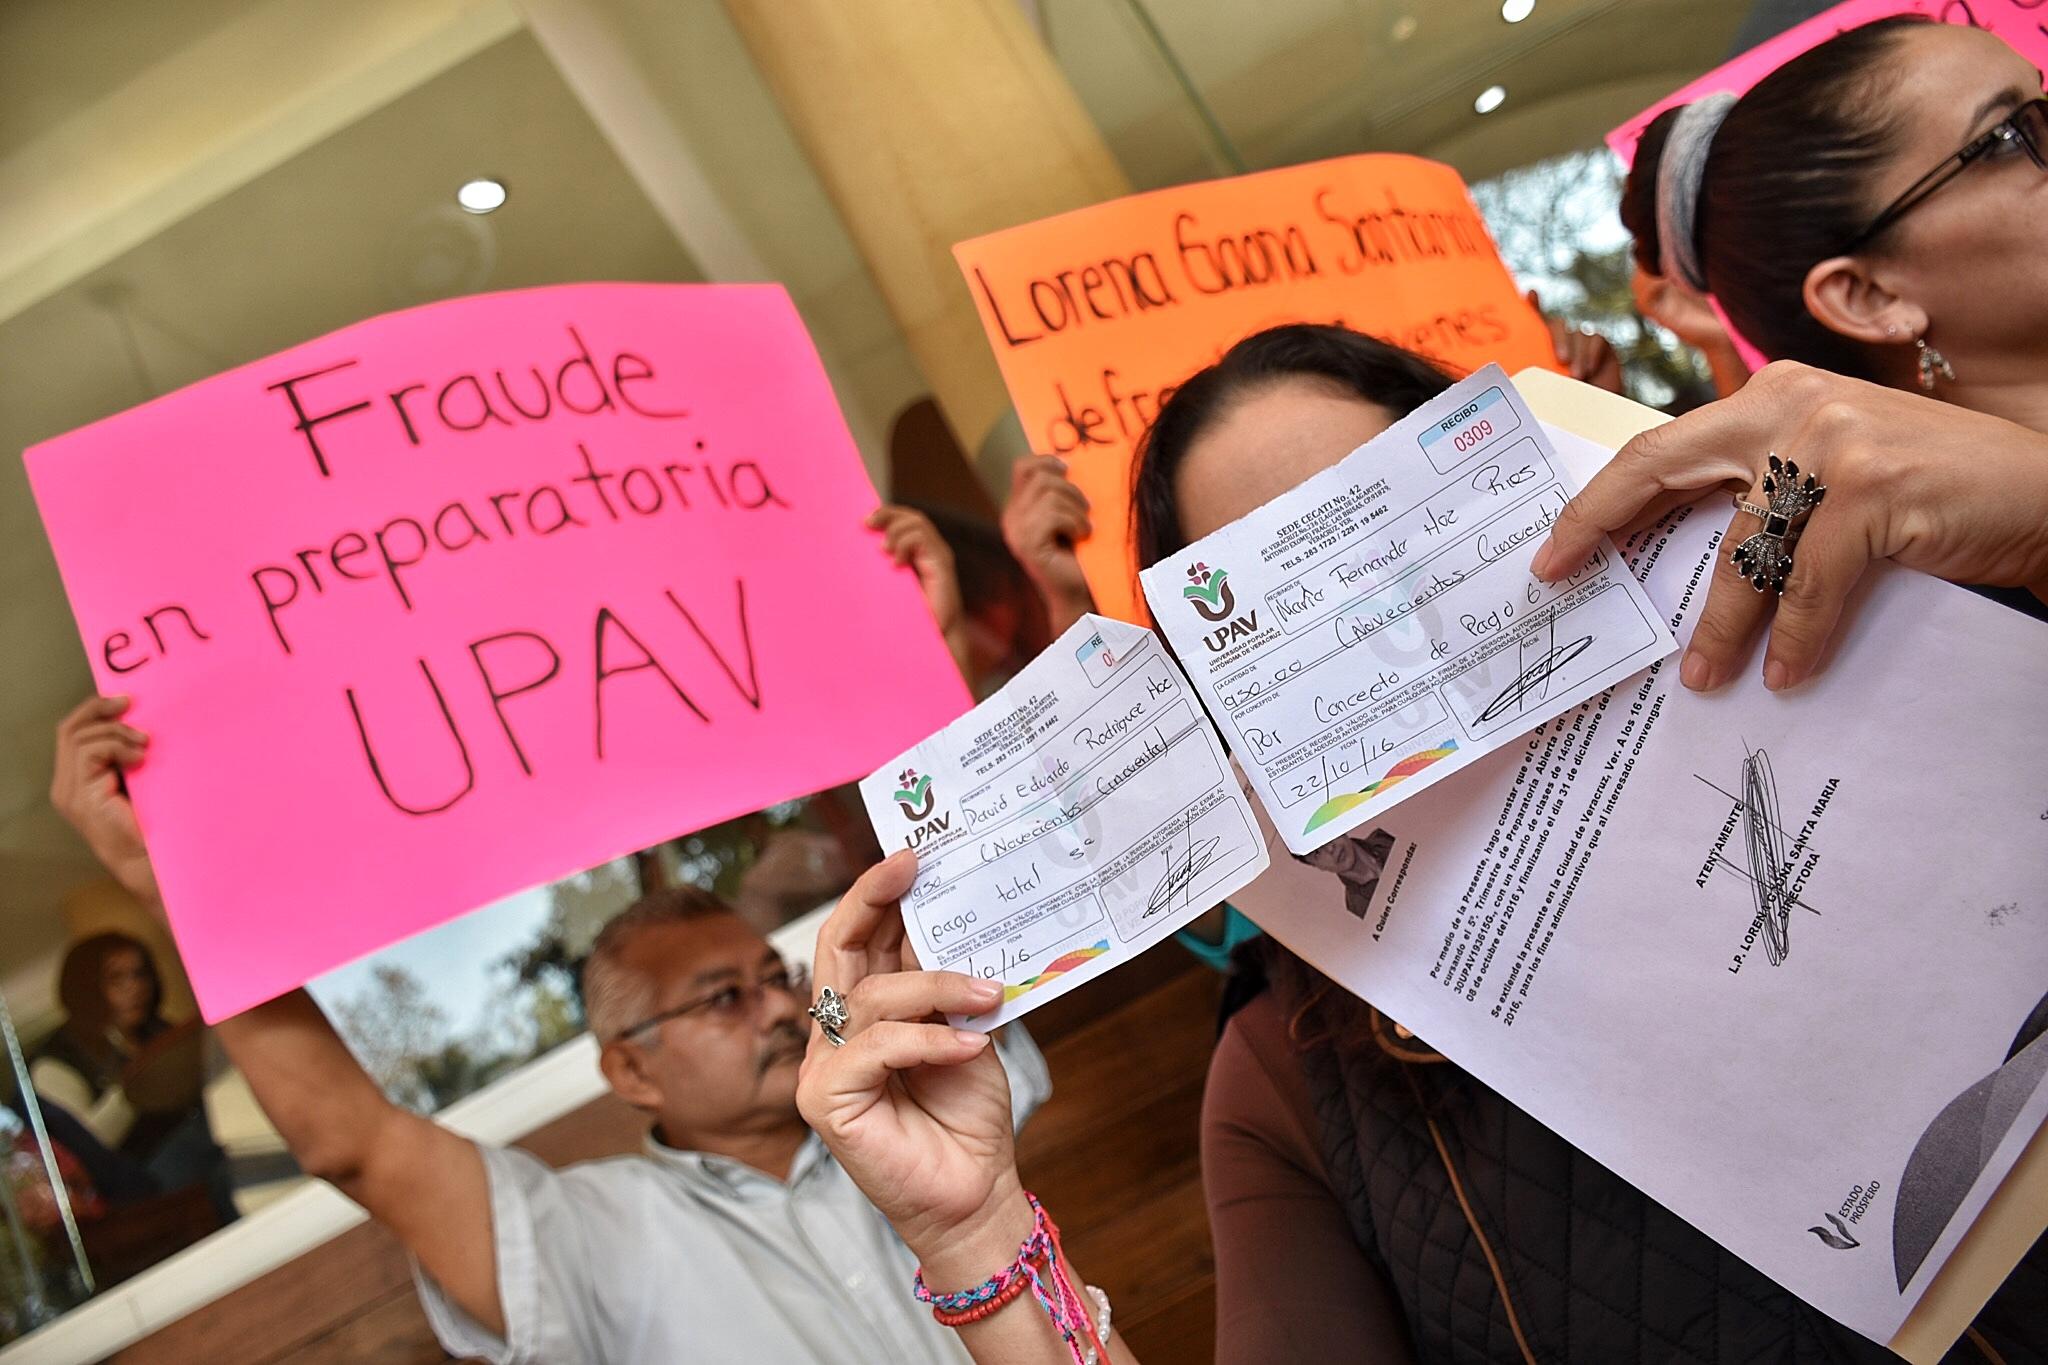 Estudiantes de preparatoria UPAV se dicen defraudados